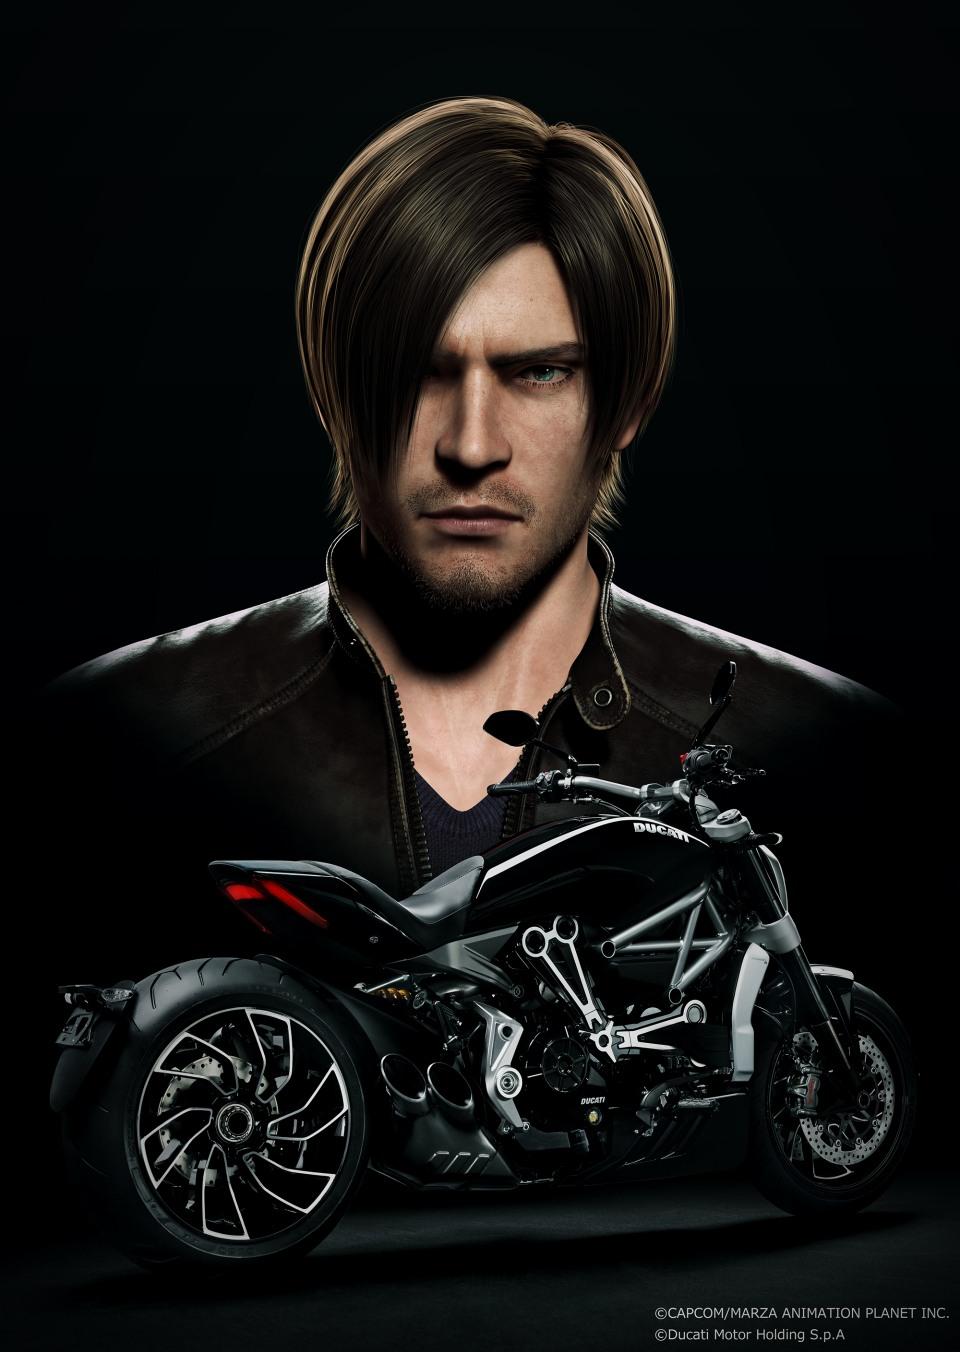 Arquivo:Resident Evil Vendetta - Leon Scott Kennedy - Ducati XDiavel.png